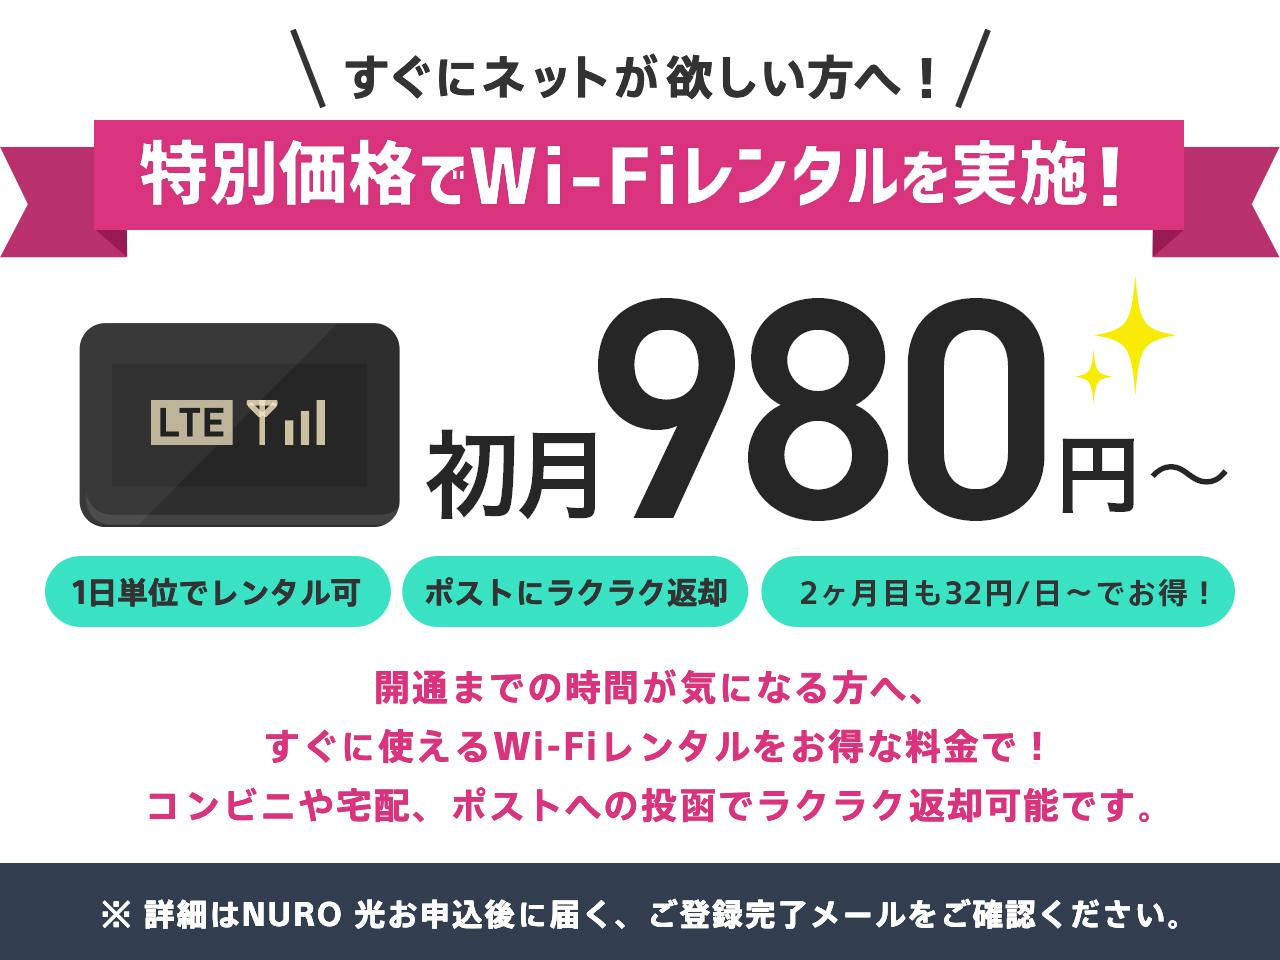 すぐにネットが欲しい方へ!特別価格でWi-Fiレンタルを実施!初月980円〜